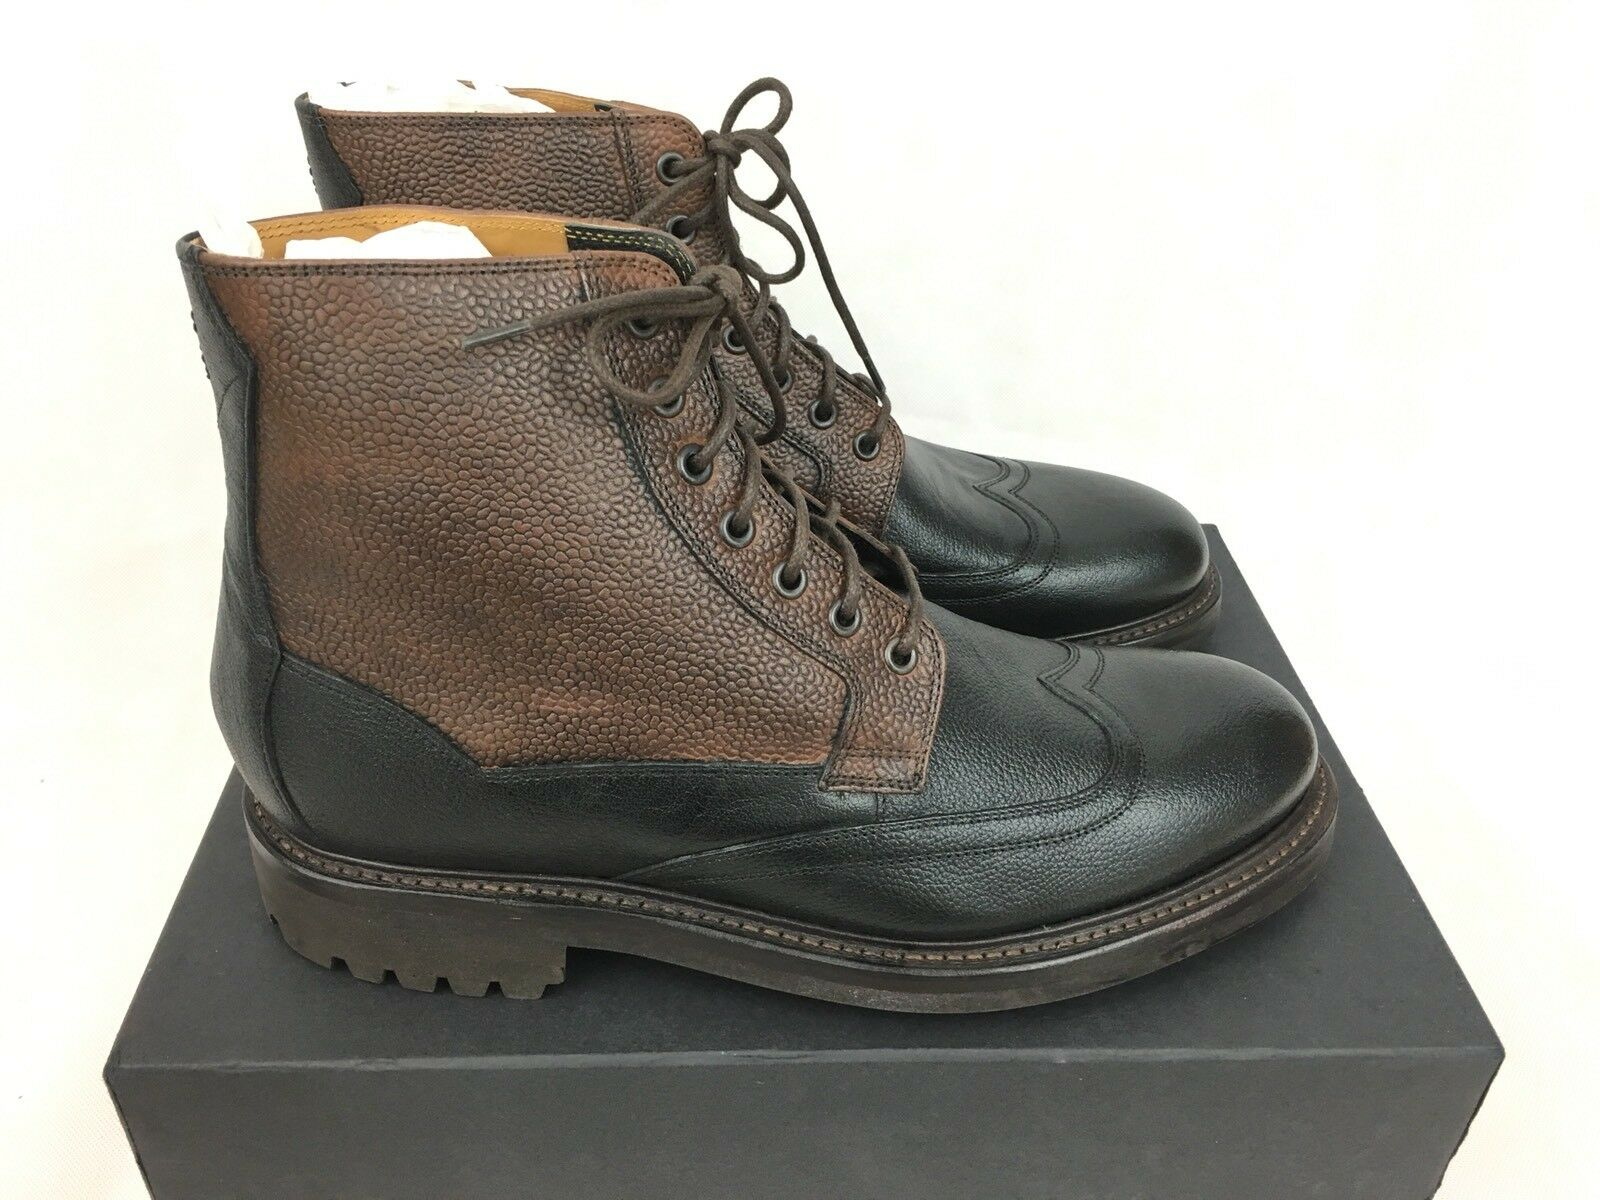 Oliver Sweeney Danby botas al Tobillo de Cuero-Negro Marrón-UK12 US13 EU46 PVP